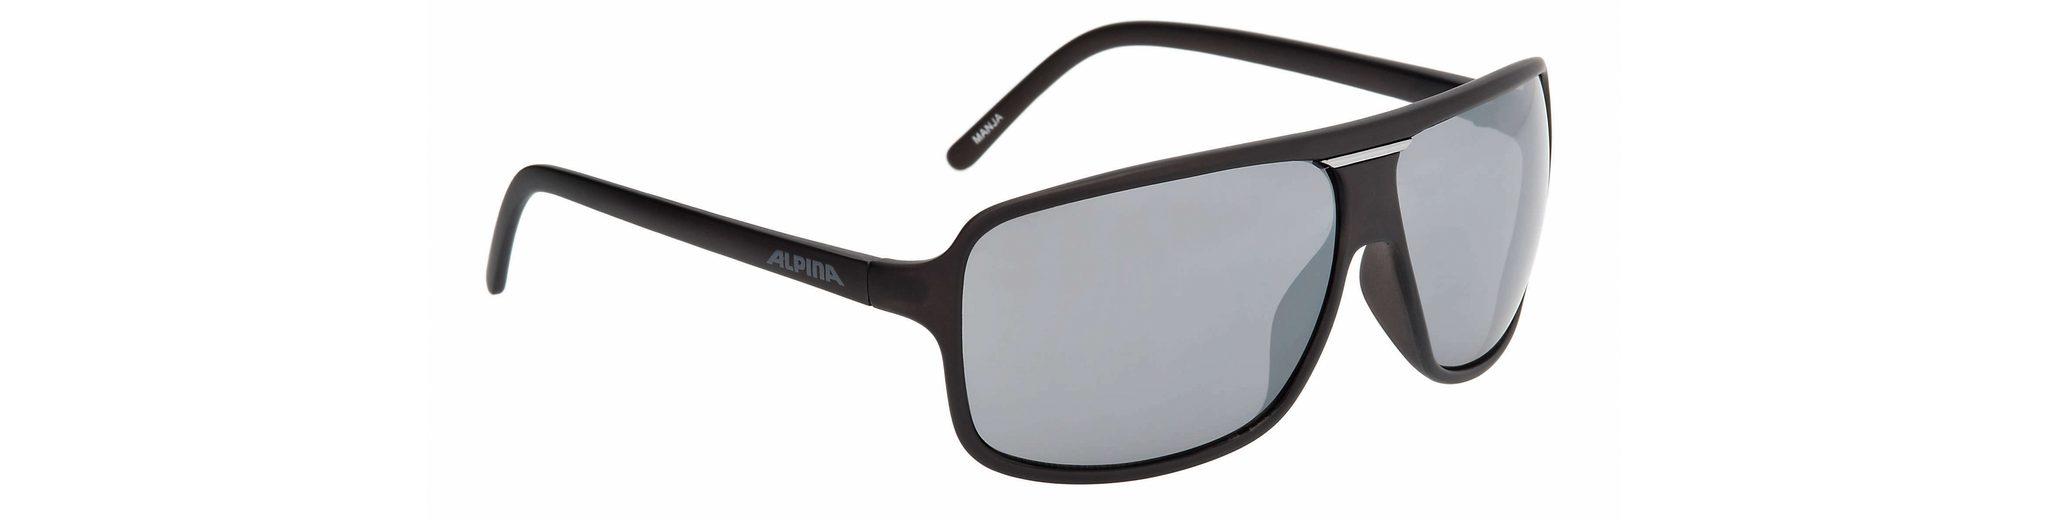 Alpina Radsportbrille »Manja«